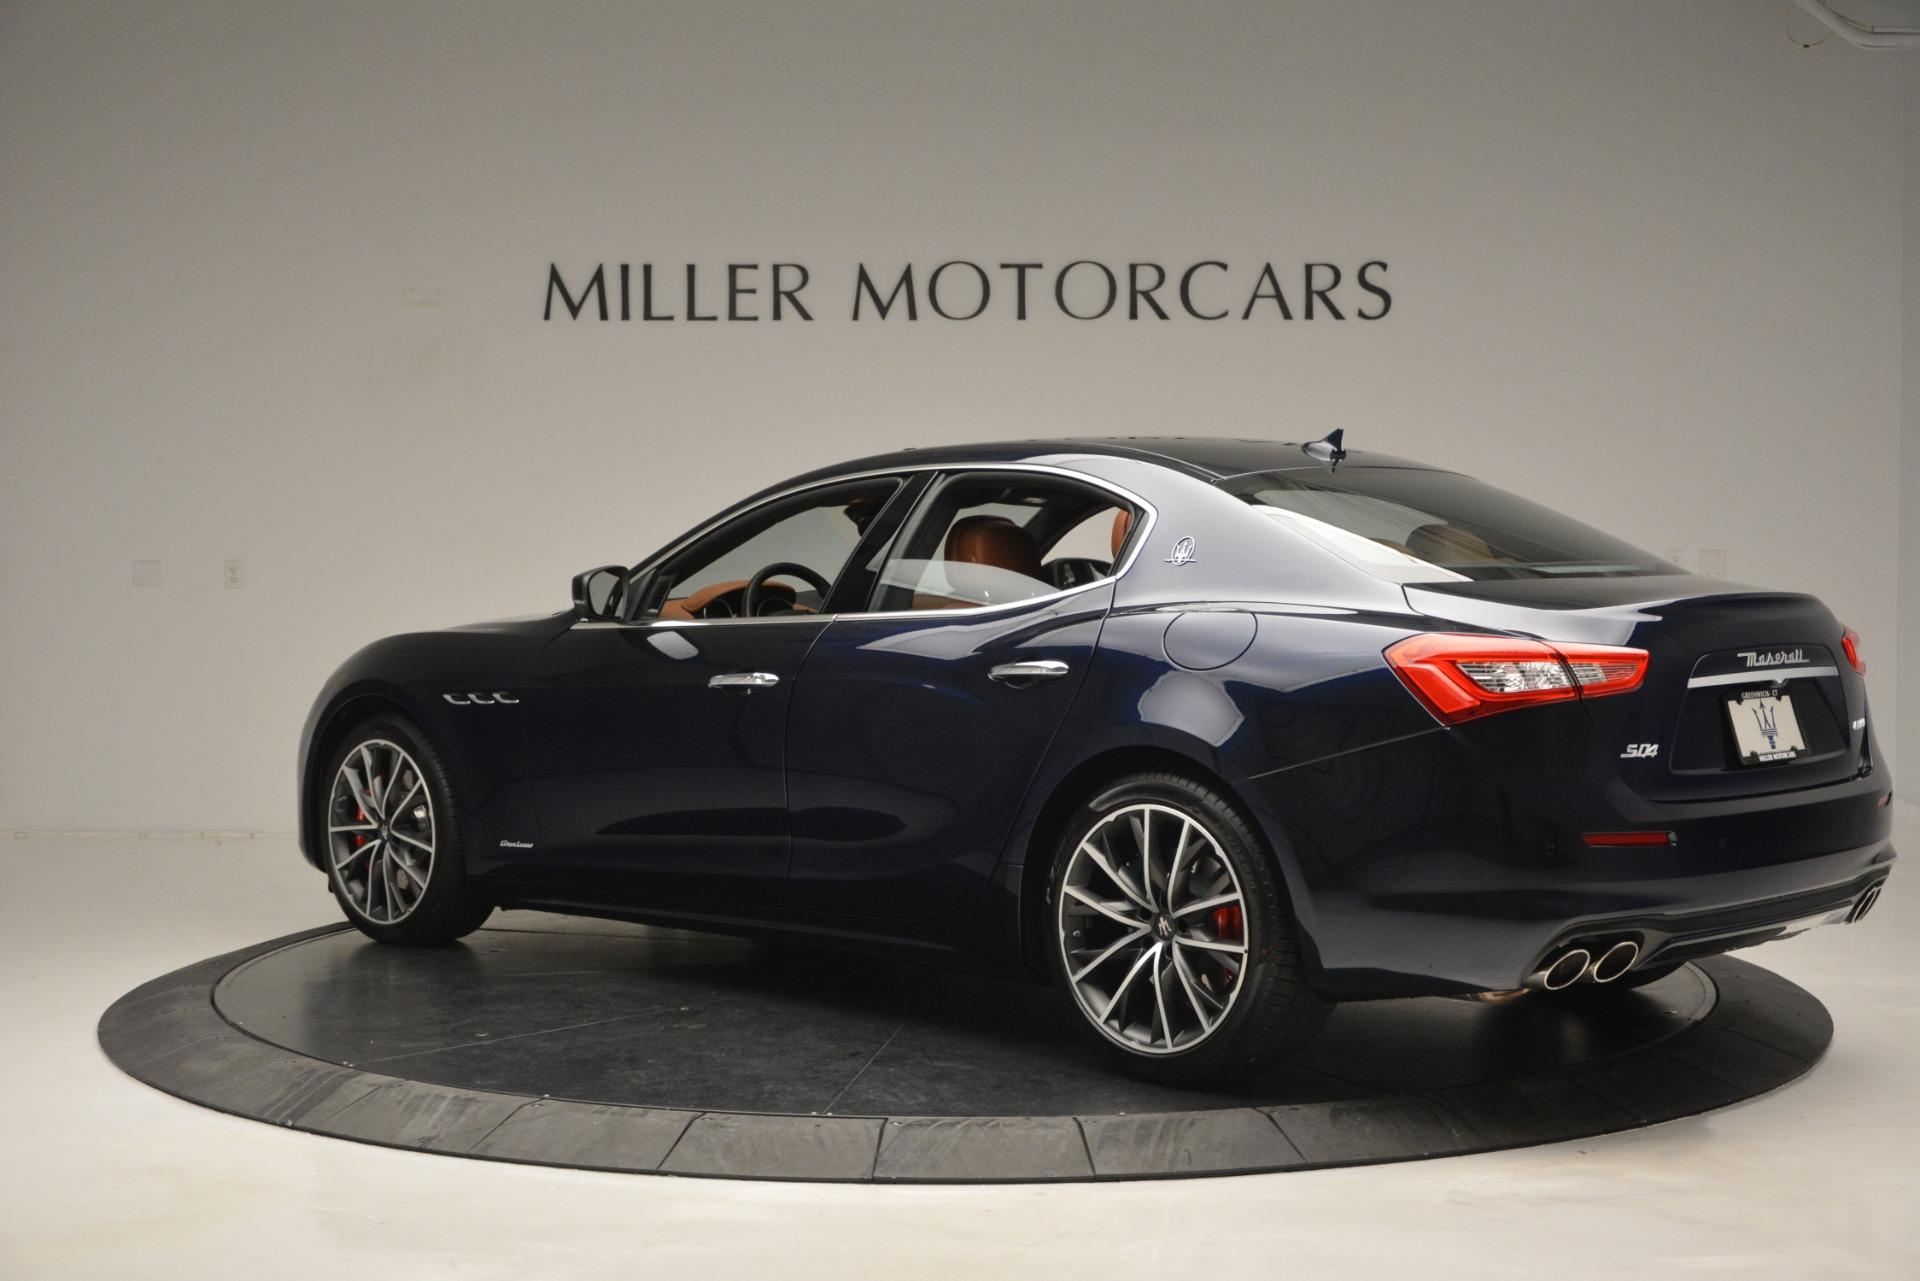 New 2019 Maserati Ghibli S Q4 GranLusso For Sale In Greenwich, CT. Alfa Romeo of Greenwich, M2251 2882_p6